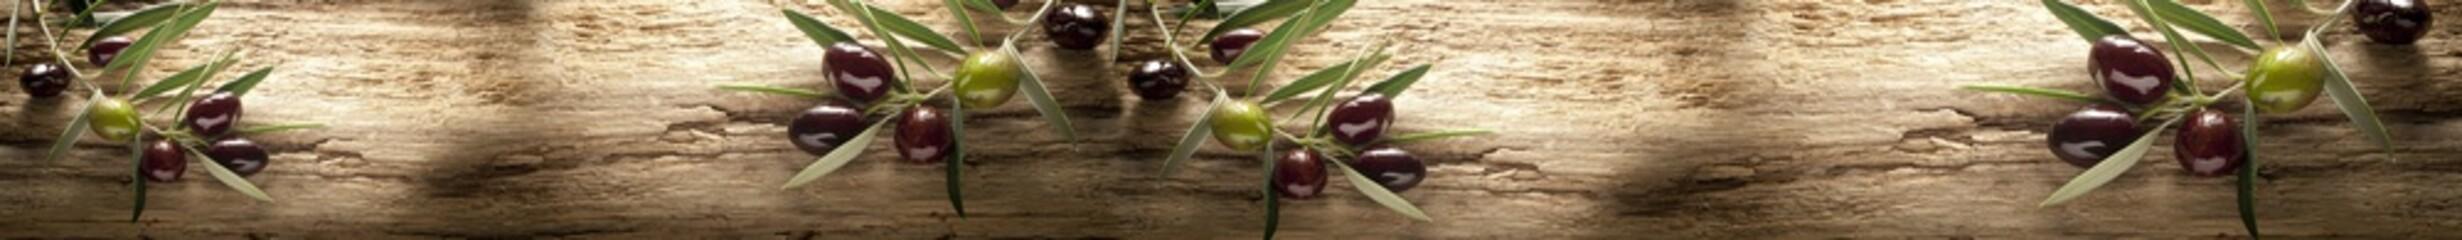 FototapetaGałązki oliwki